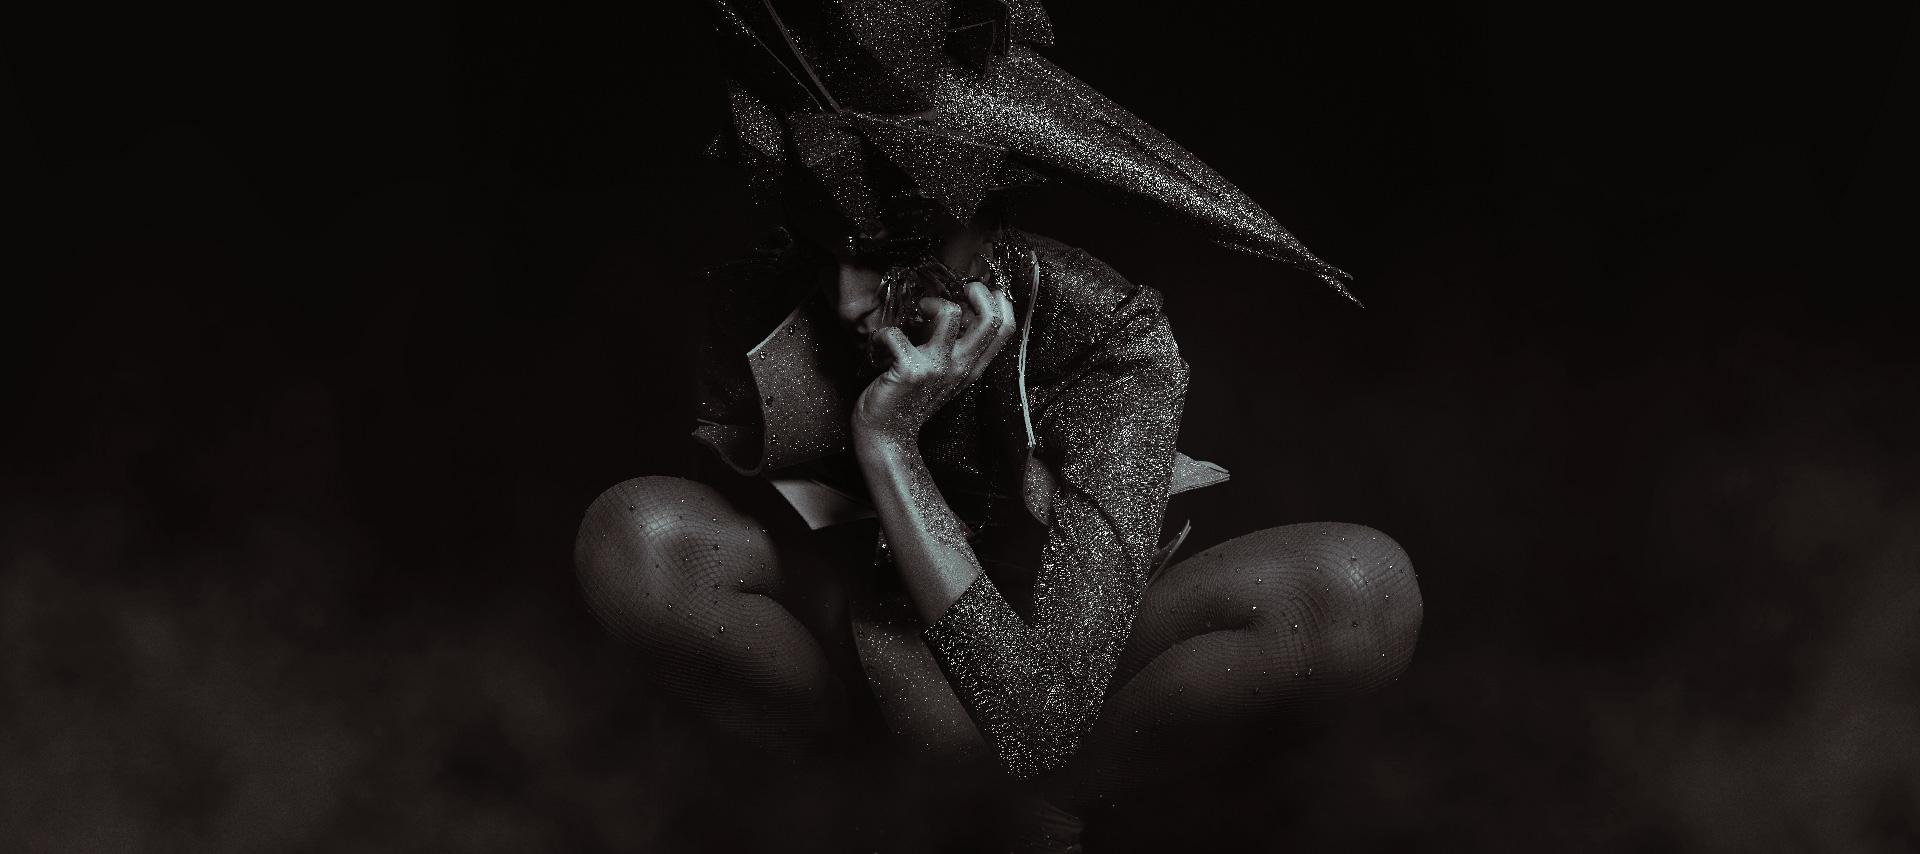 fantasy lash art my idol pop rock by Laura Manca